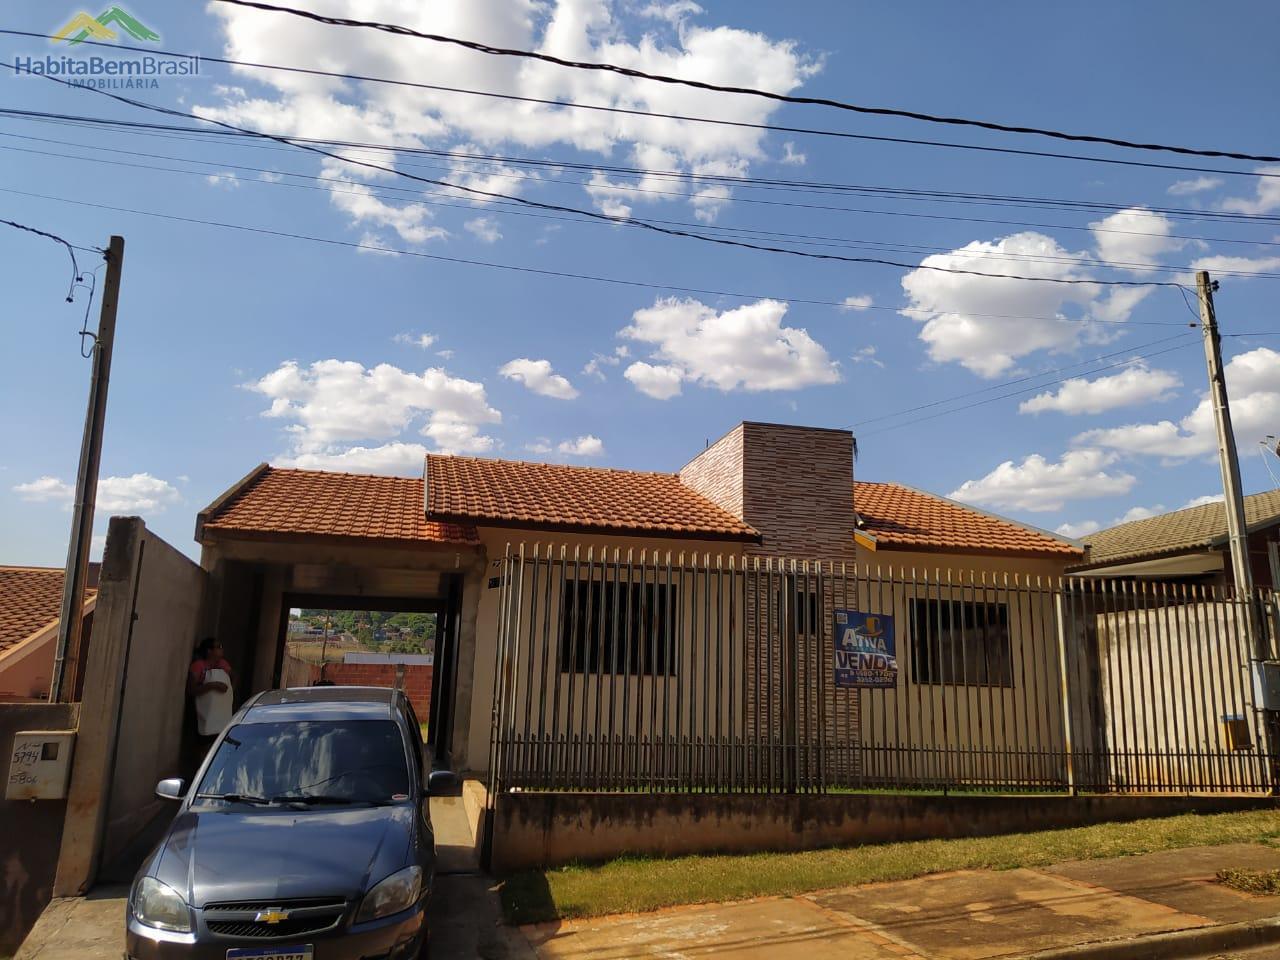 Casa com 1 dormitório à venda, JARDIM BRESSAN, TOLEDO - PR